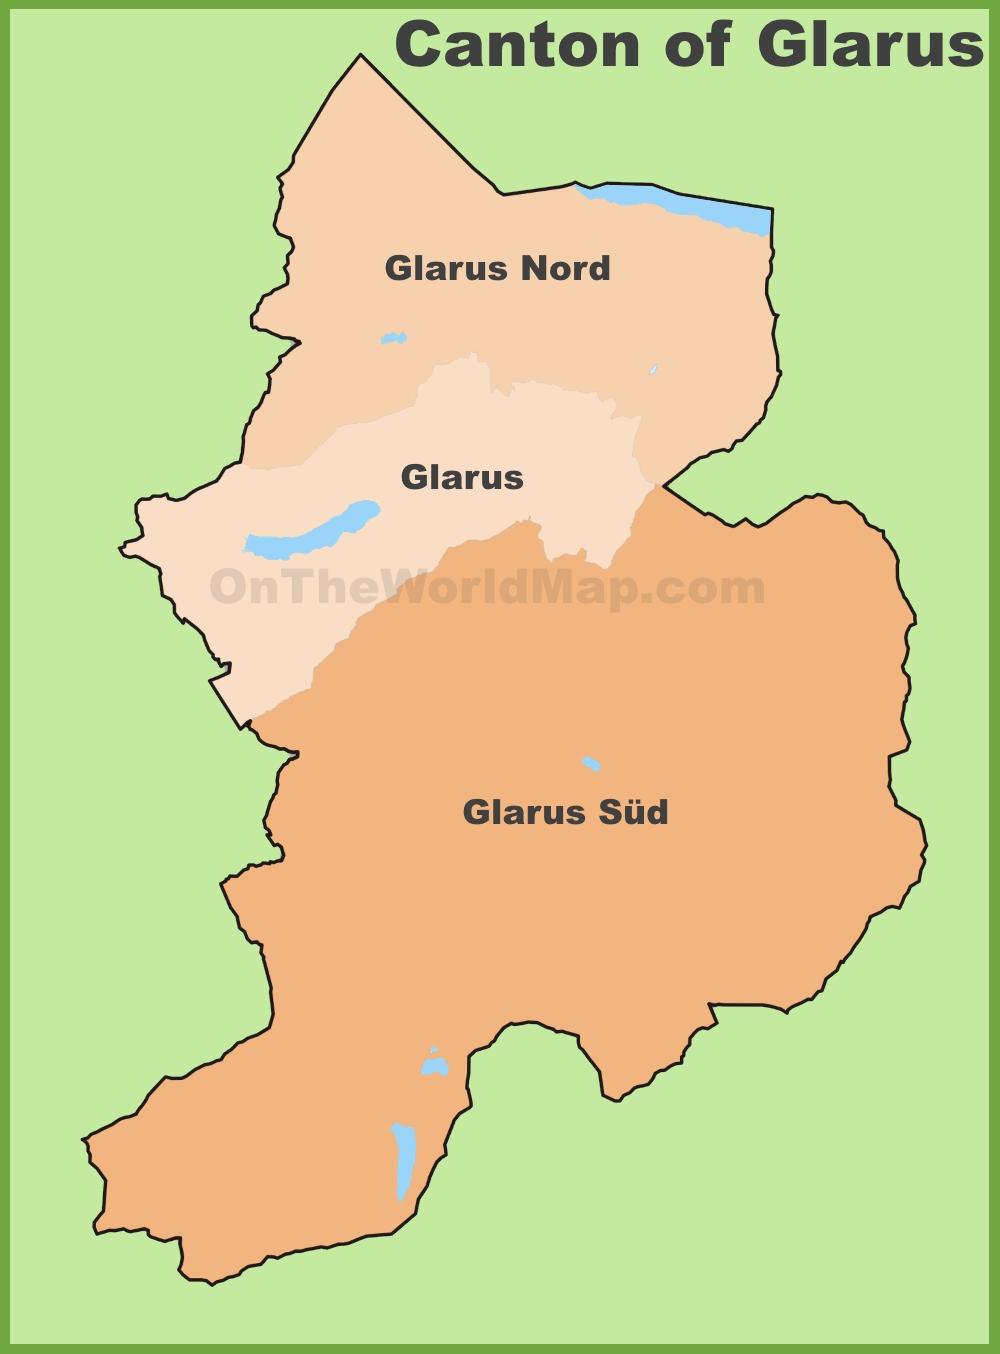 Canton of Glarus municipality map